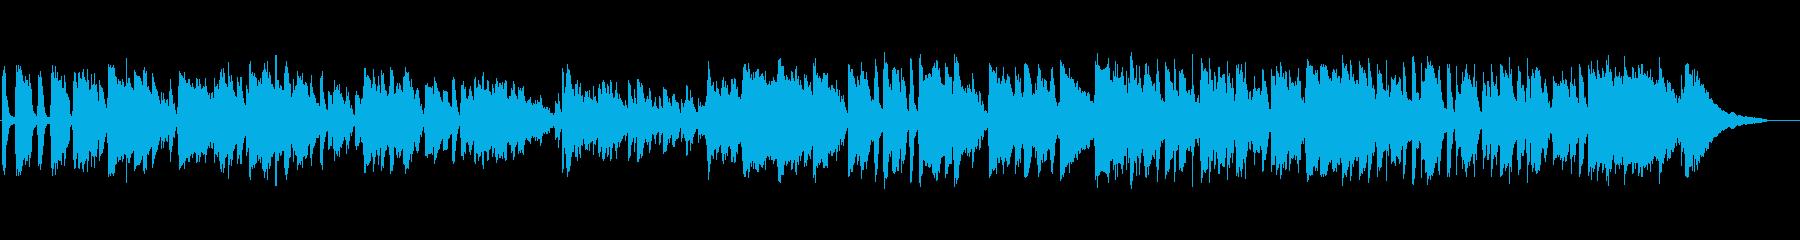 ジャズ 楽しげ バックグラウンド ...の再生済みの波形